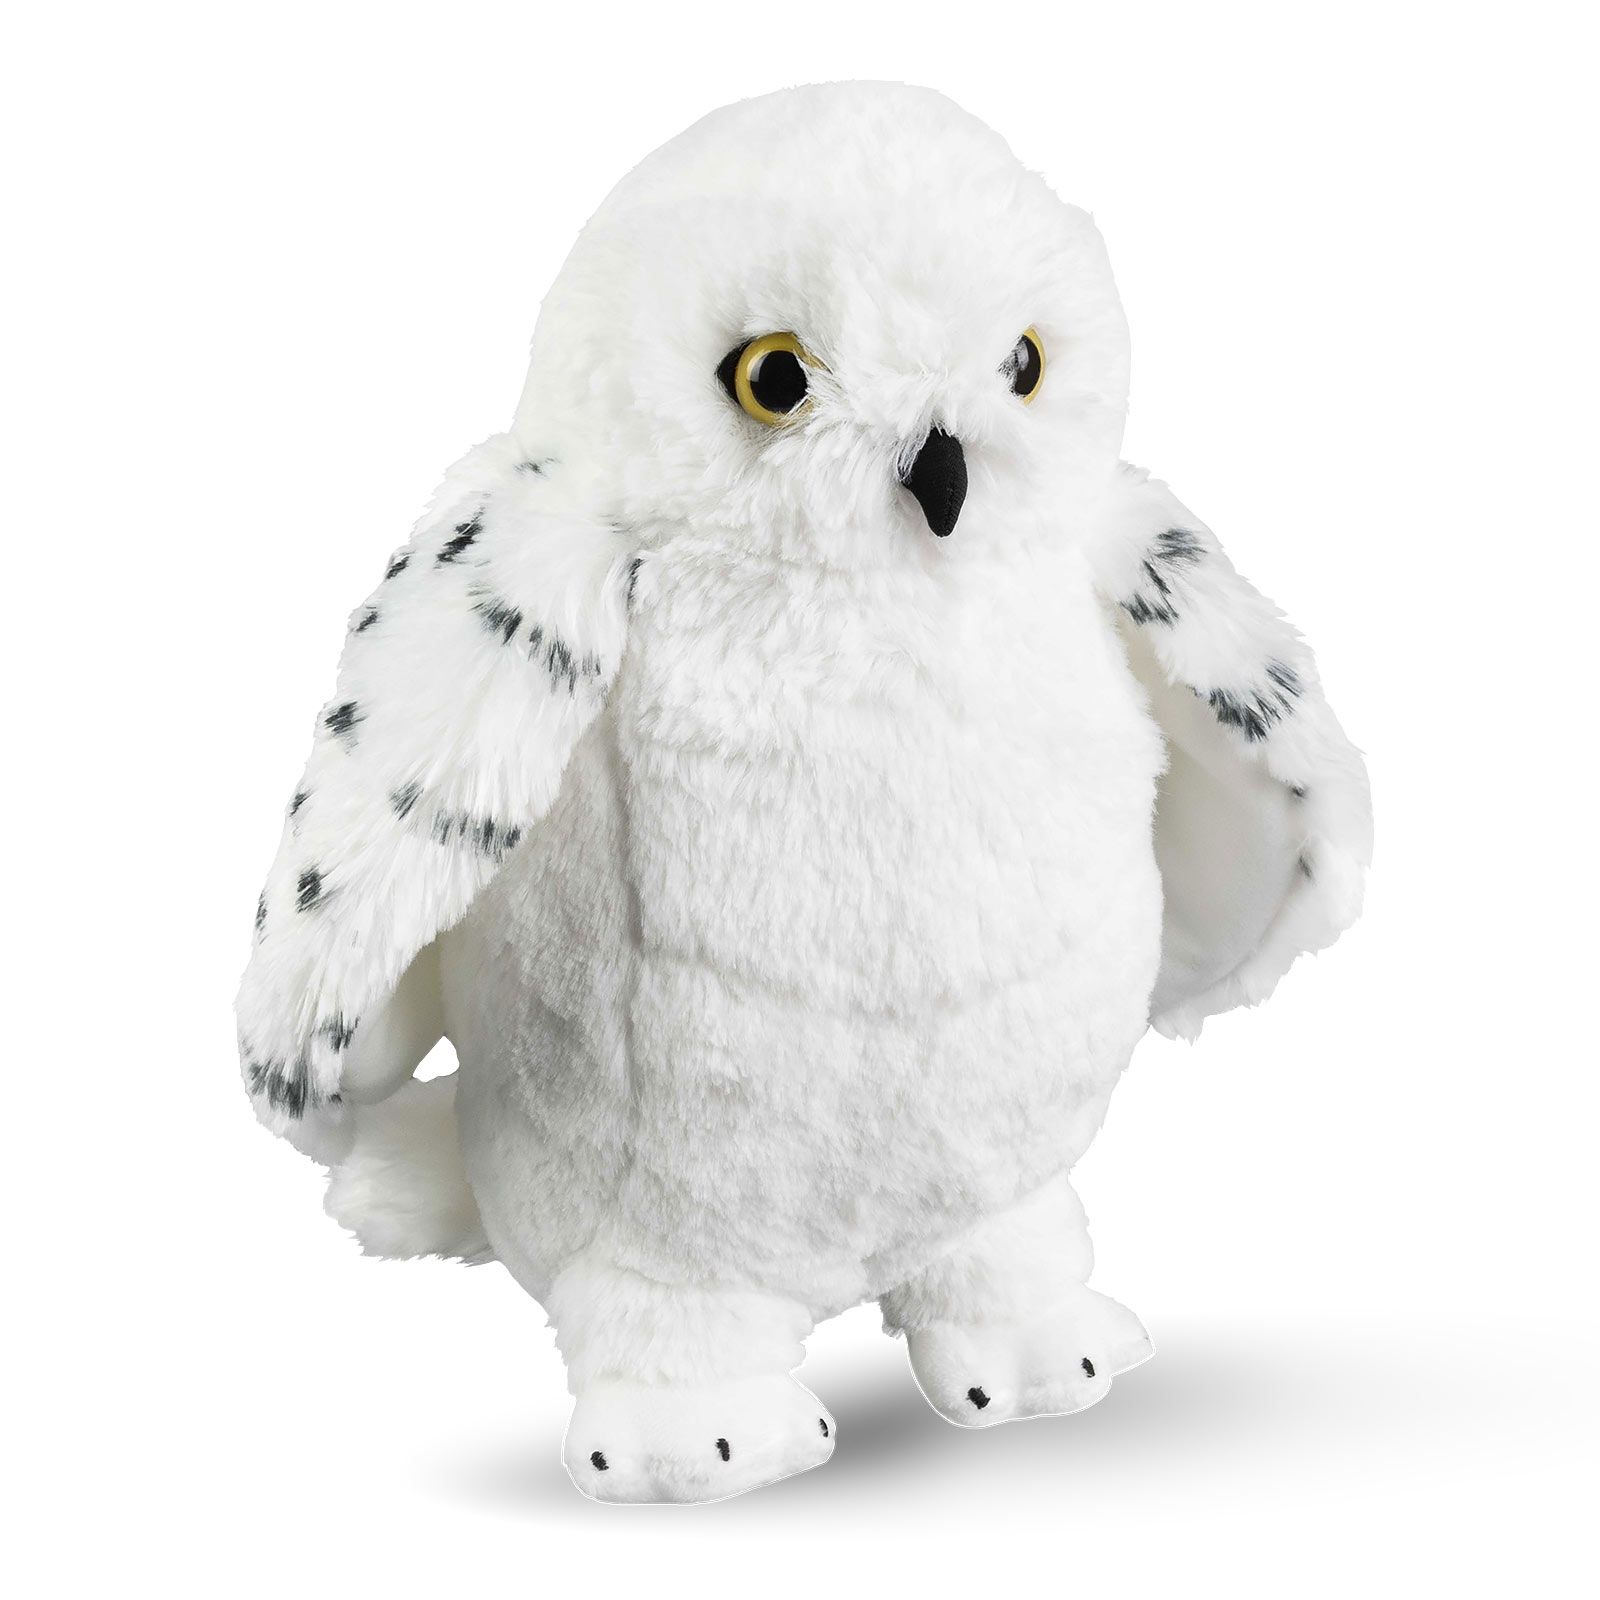 Hedwig mit geöffneten Flügeln Plüsch Figur 28 cm - Harry Potter